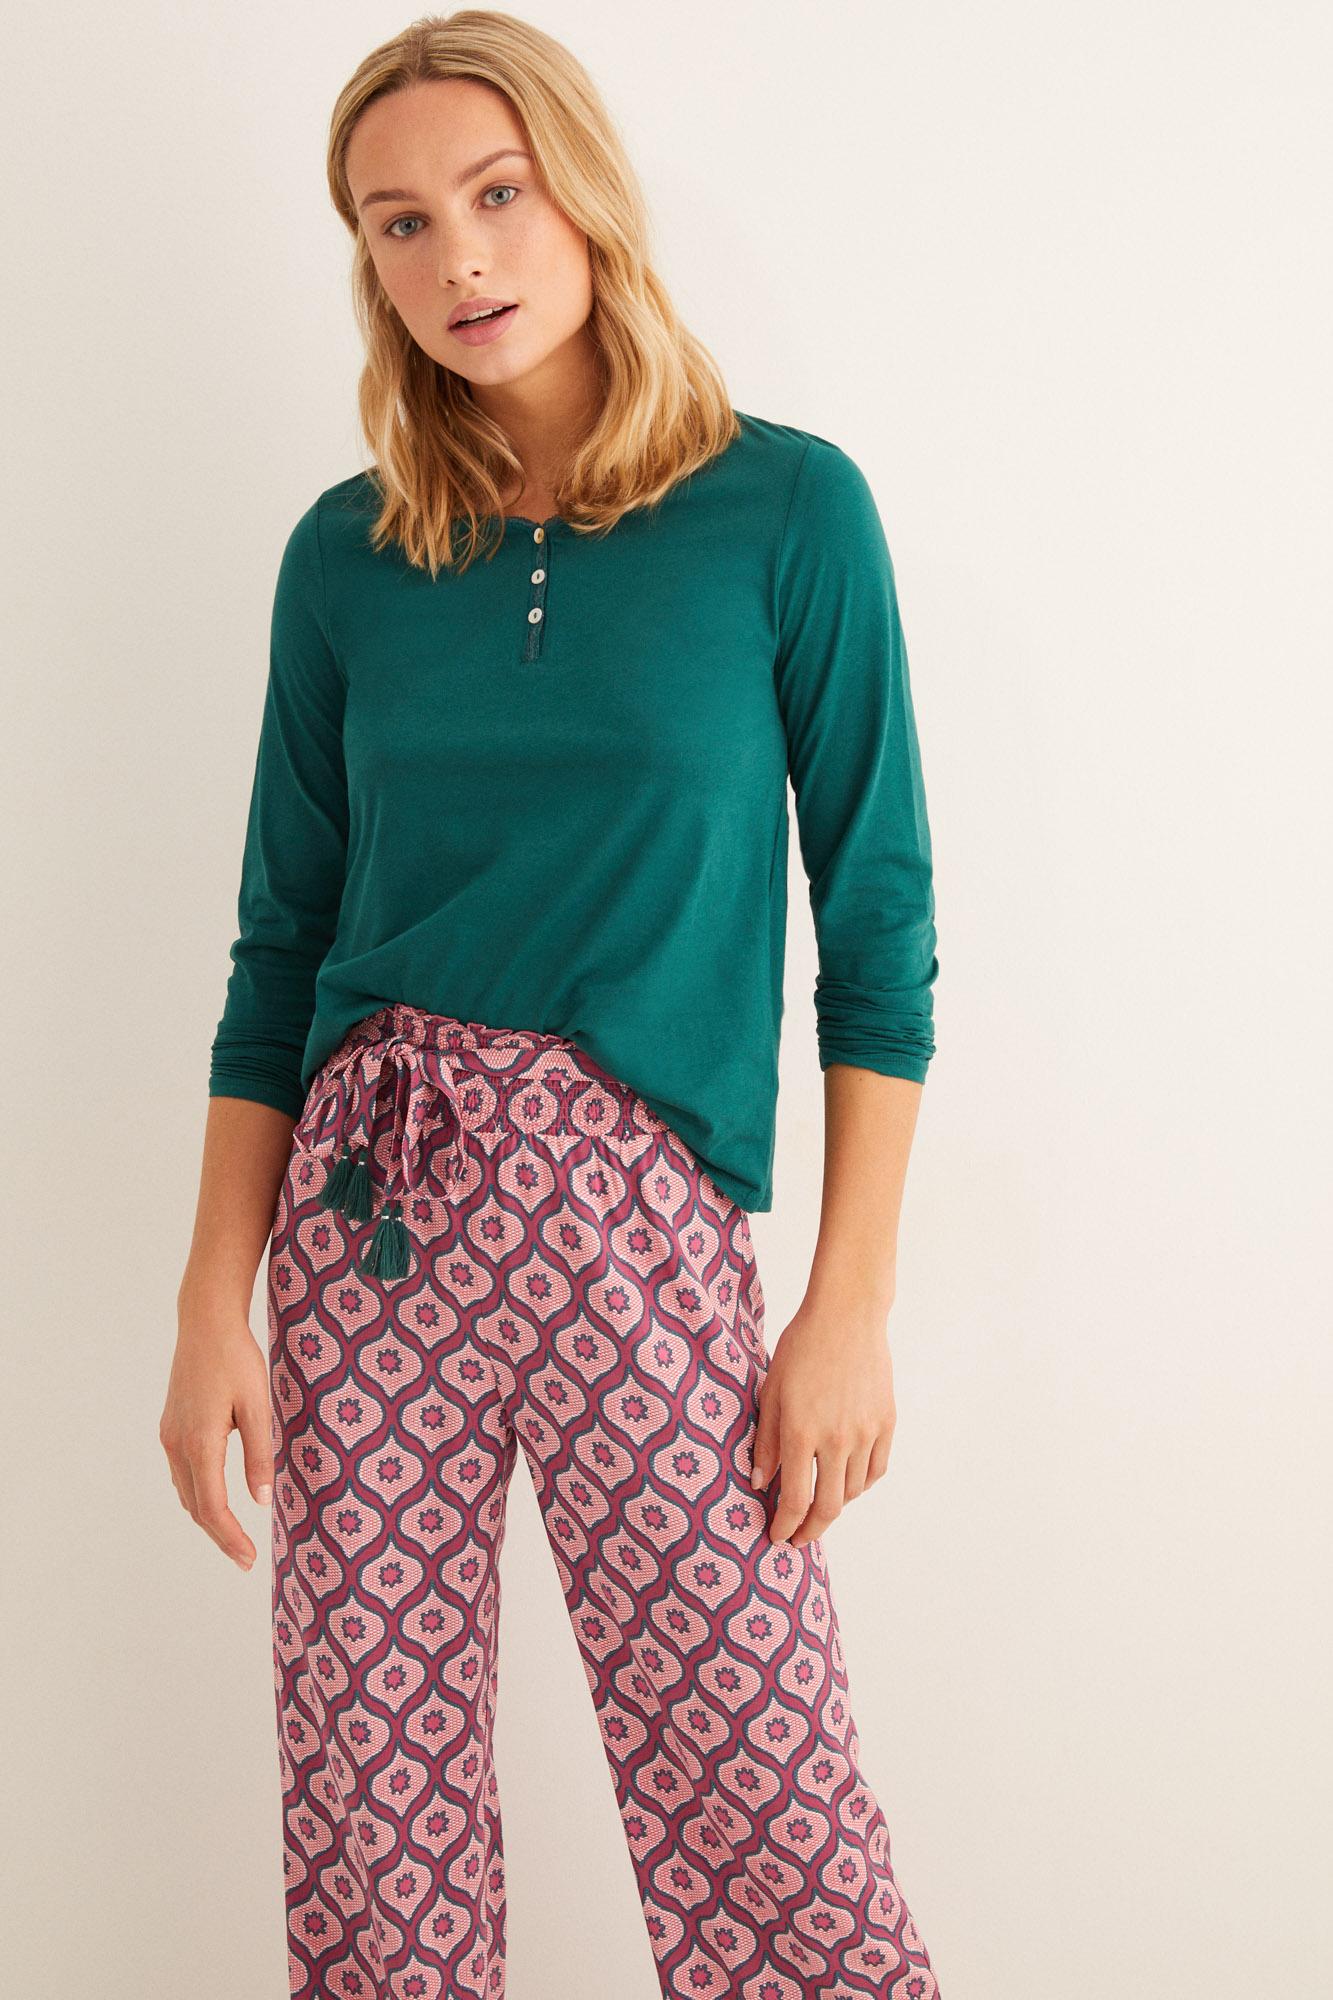 Camiseta lisa manga larga | Camisetas | Women'secret